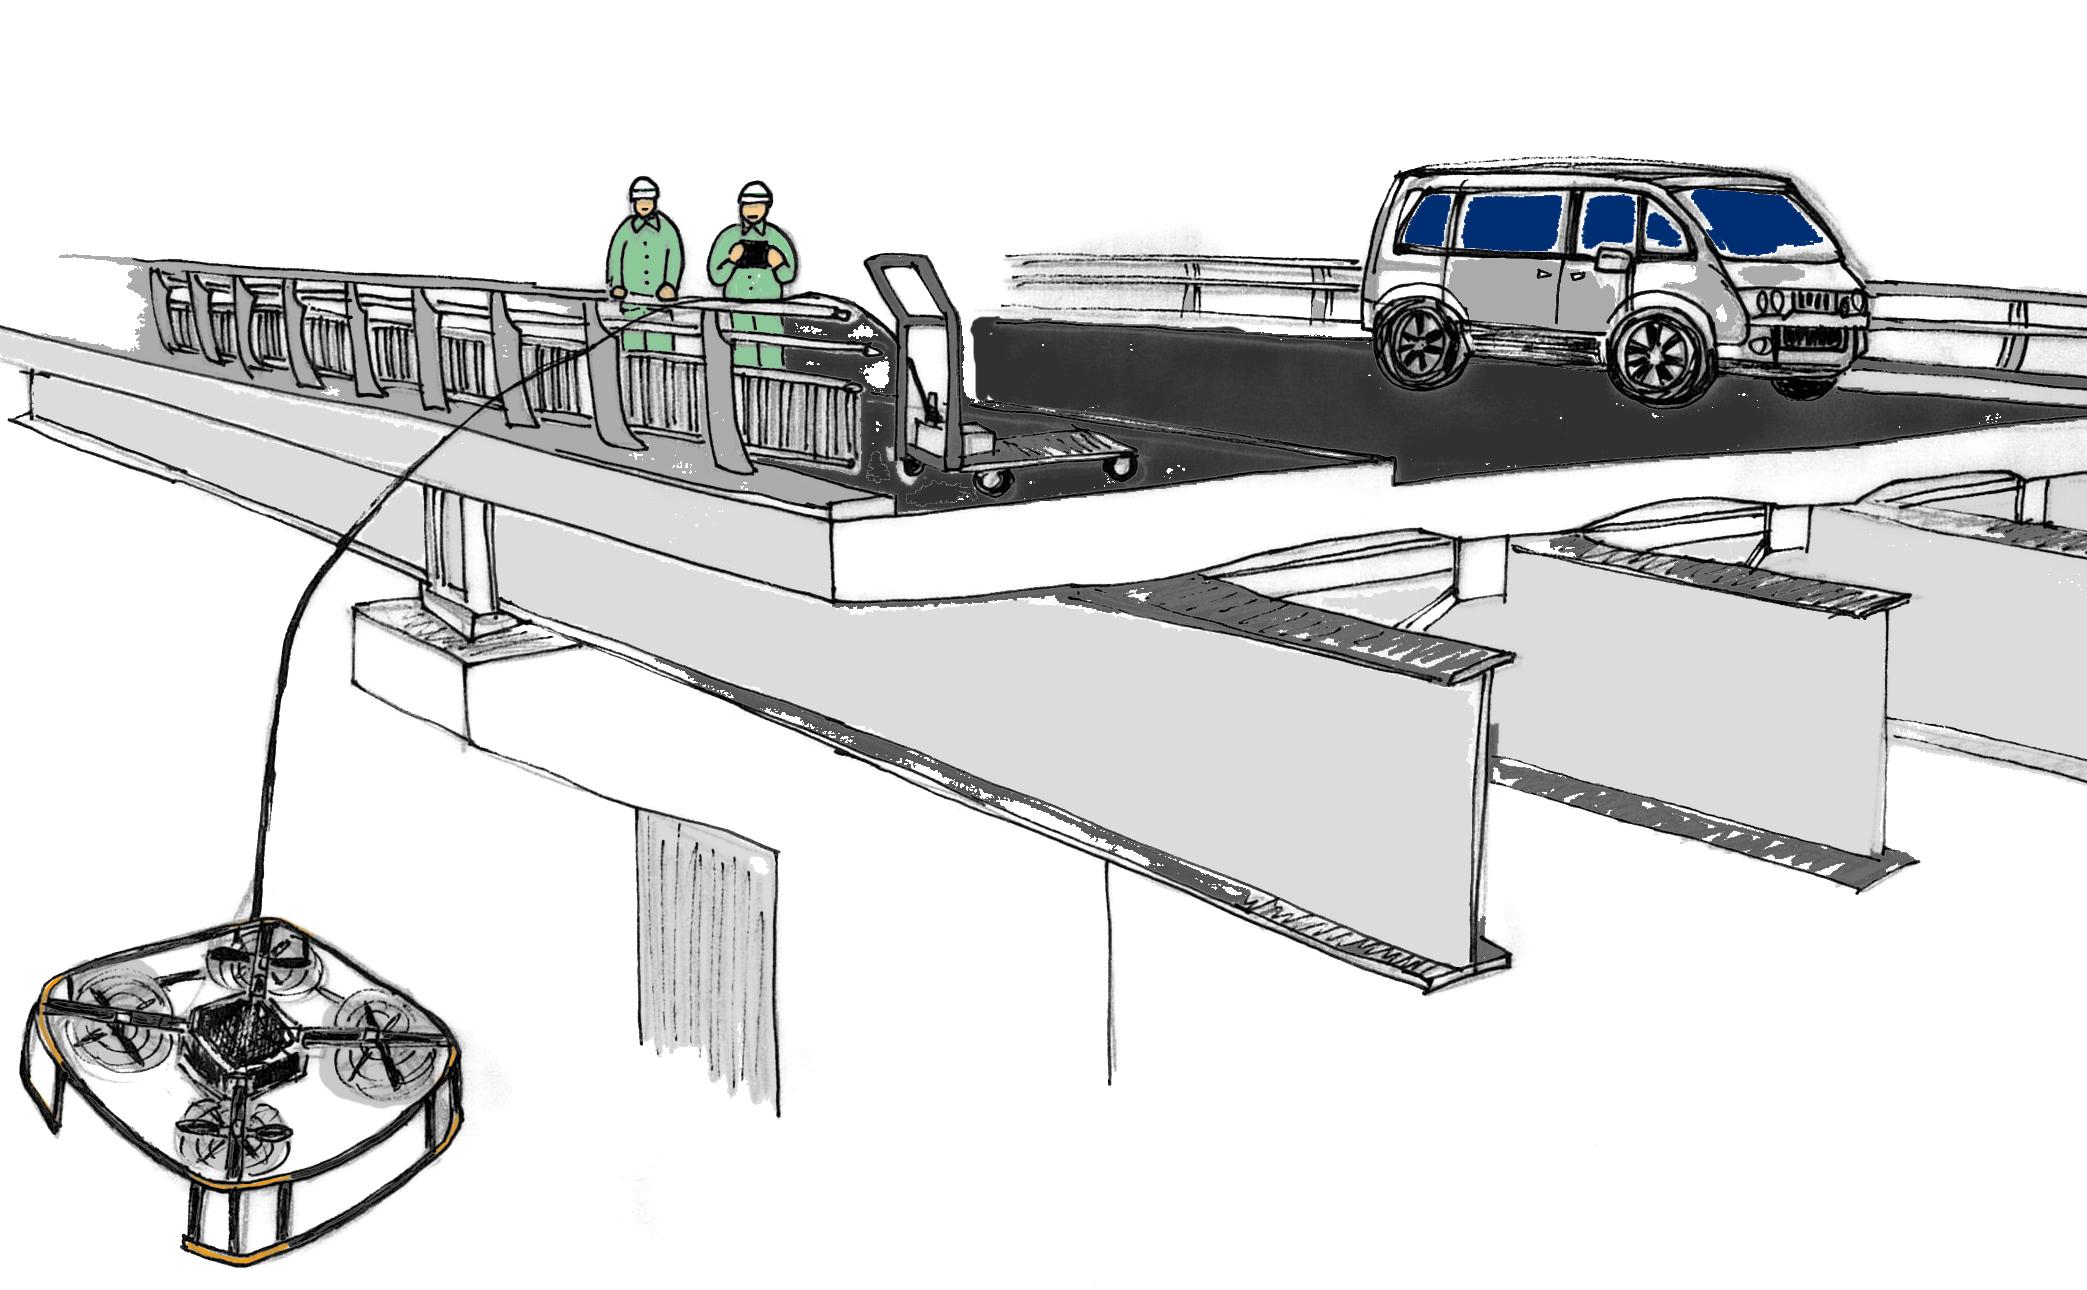 マルチコプタによる橋梁点検2014.8.18